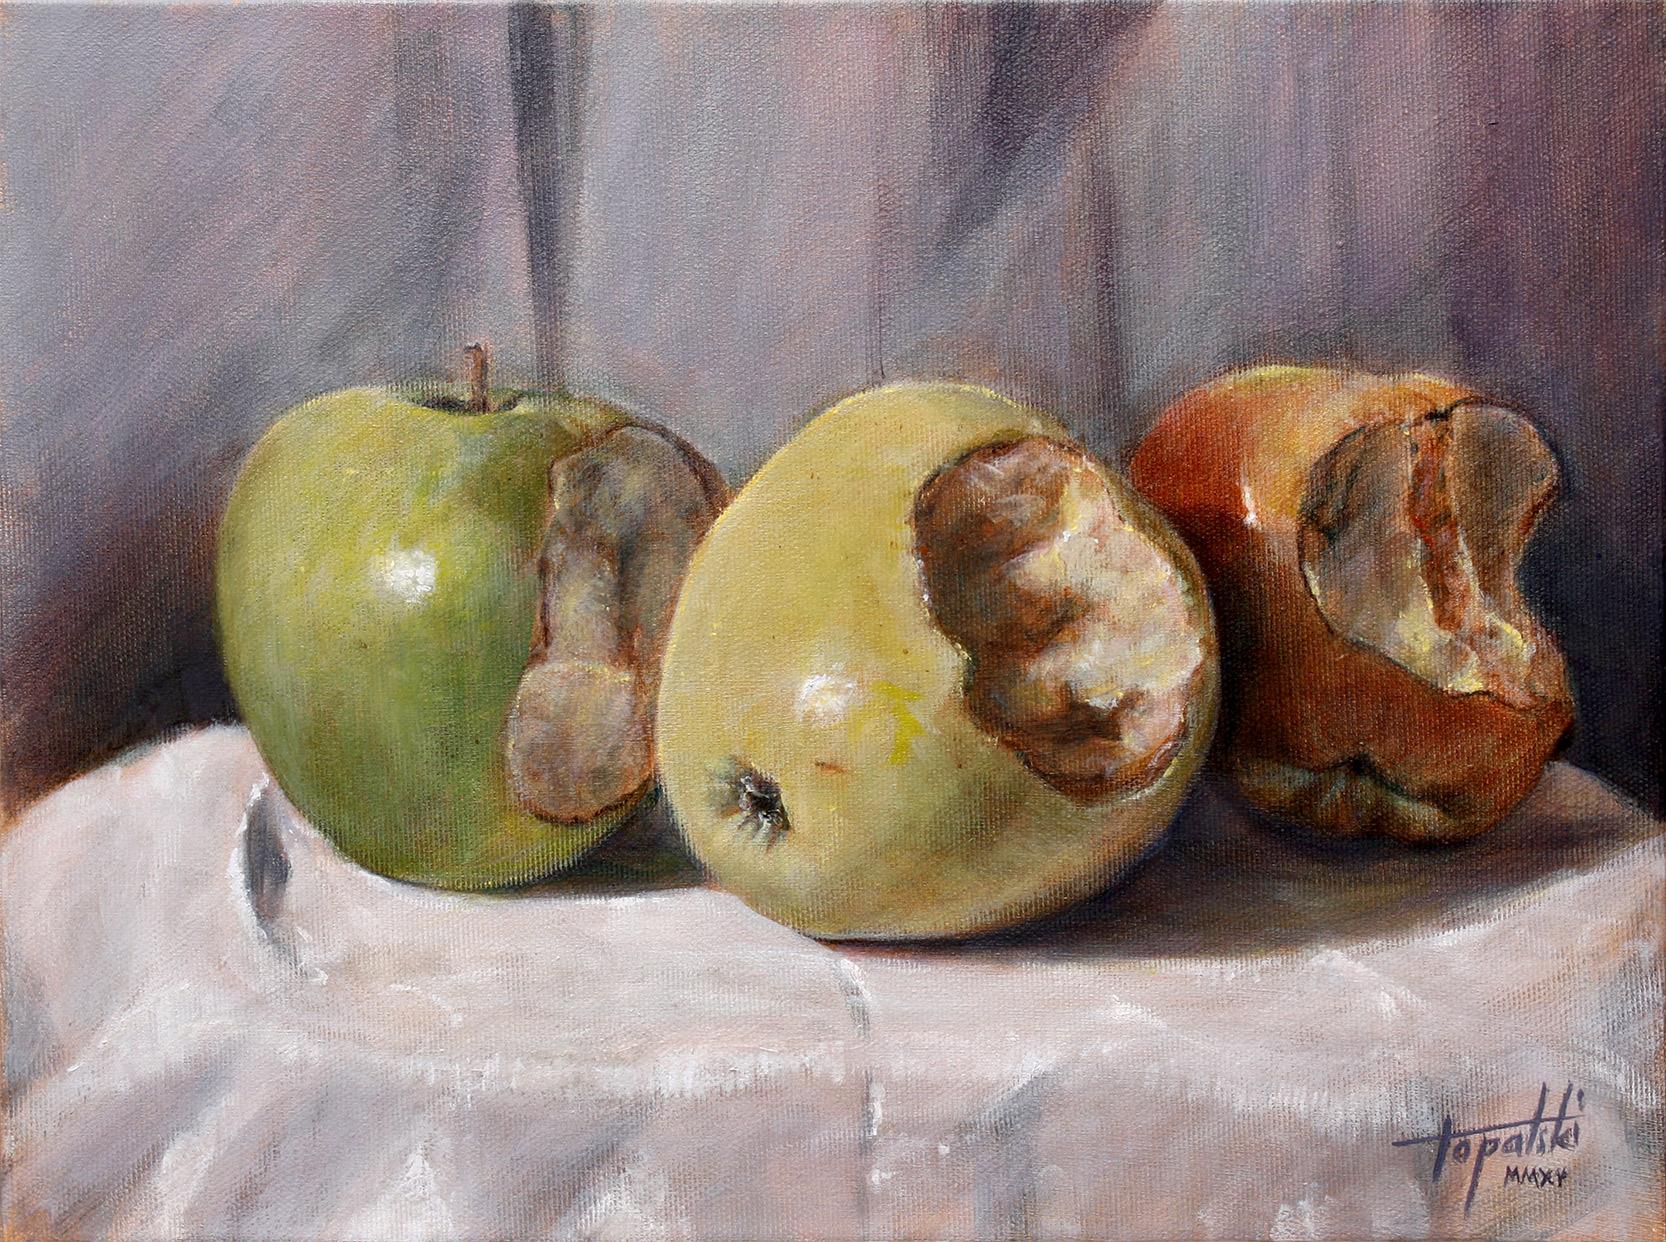 I-Painting APPLE, 40x30cm, Akril i ulje na platnu, umetnik Darko TOPALSKI